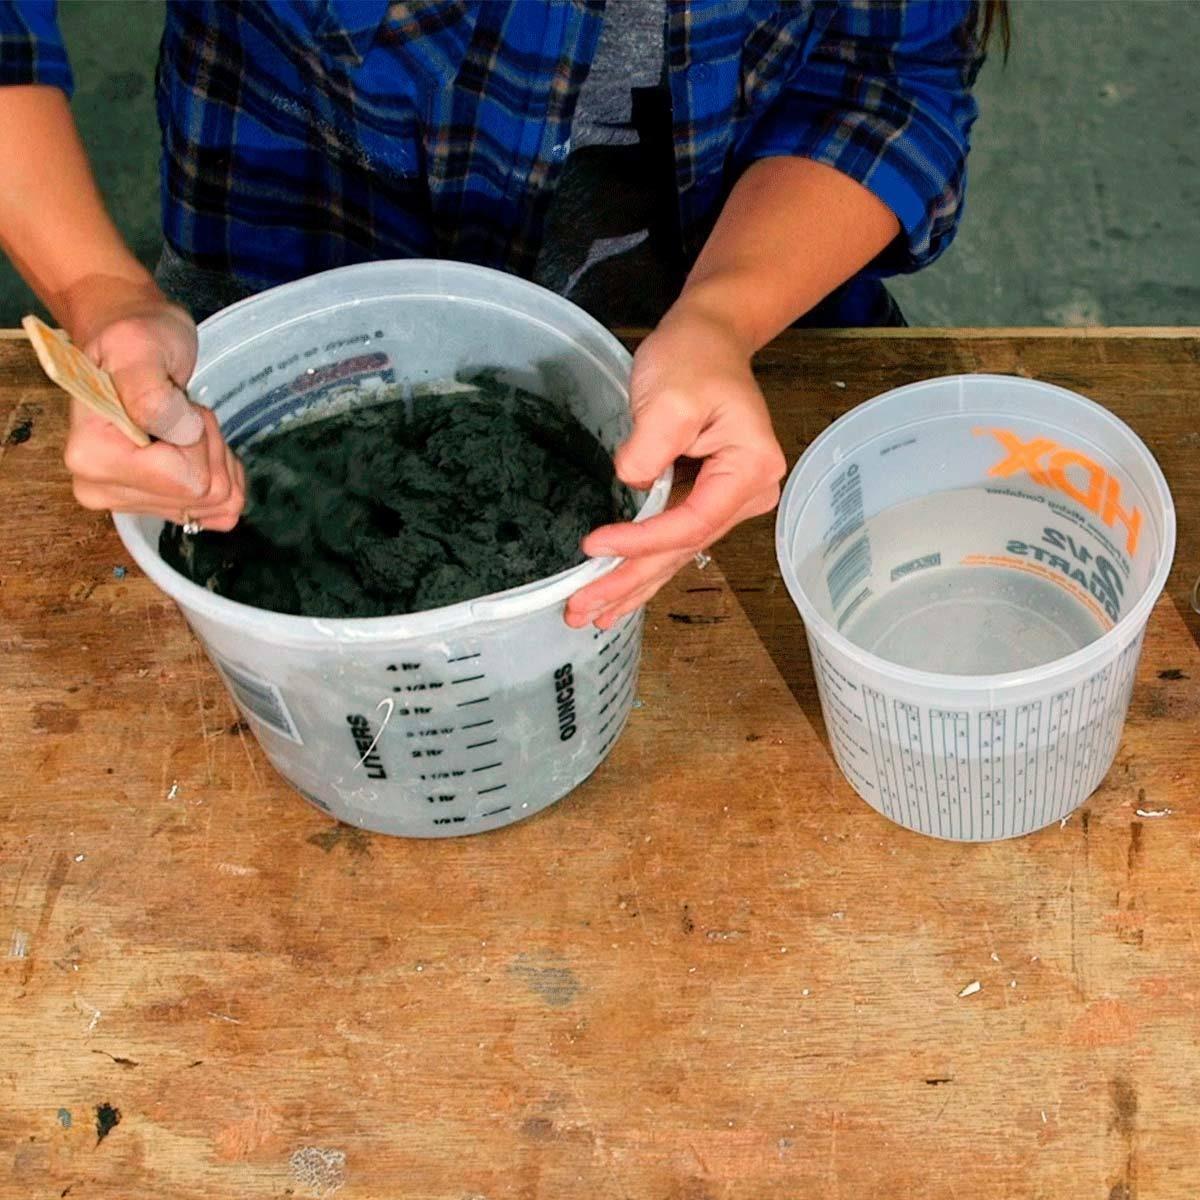 air plant planter mix concrete with paint stick